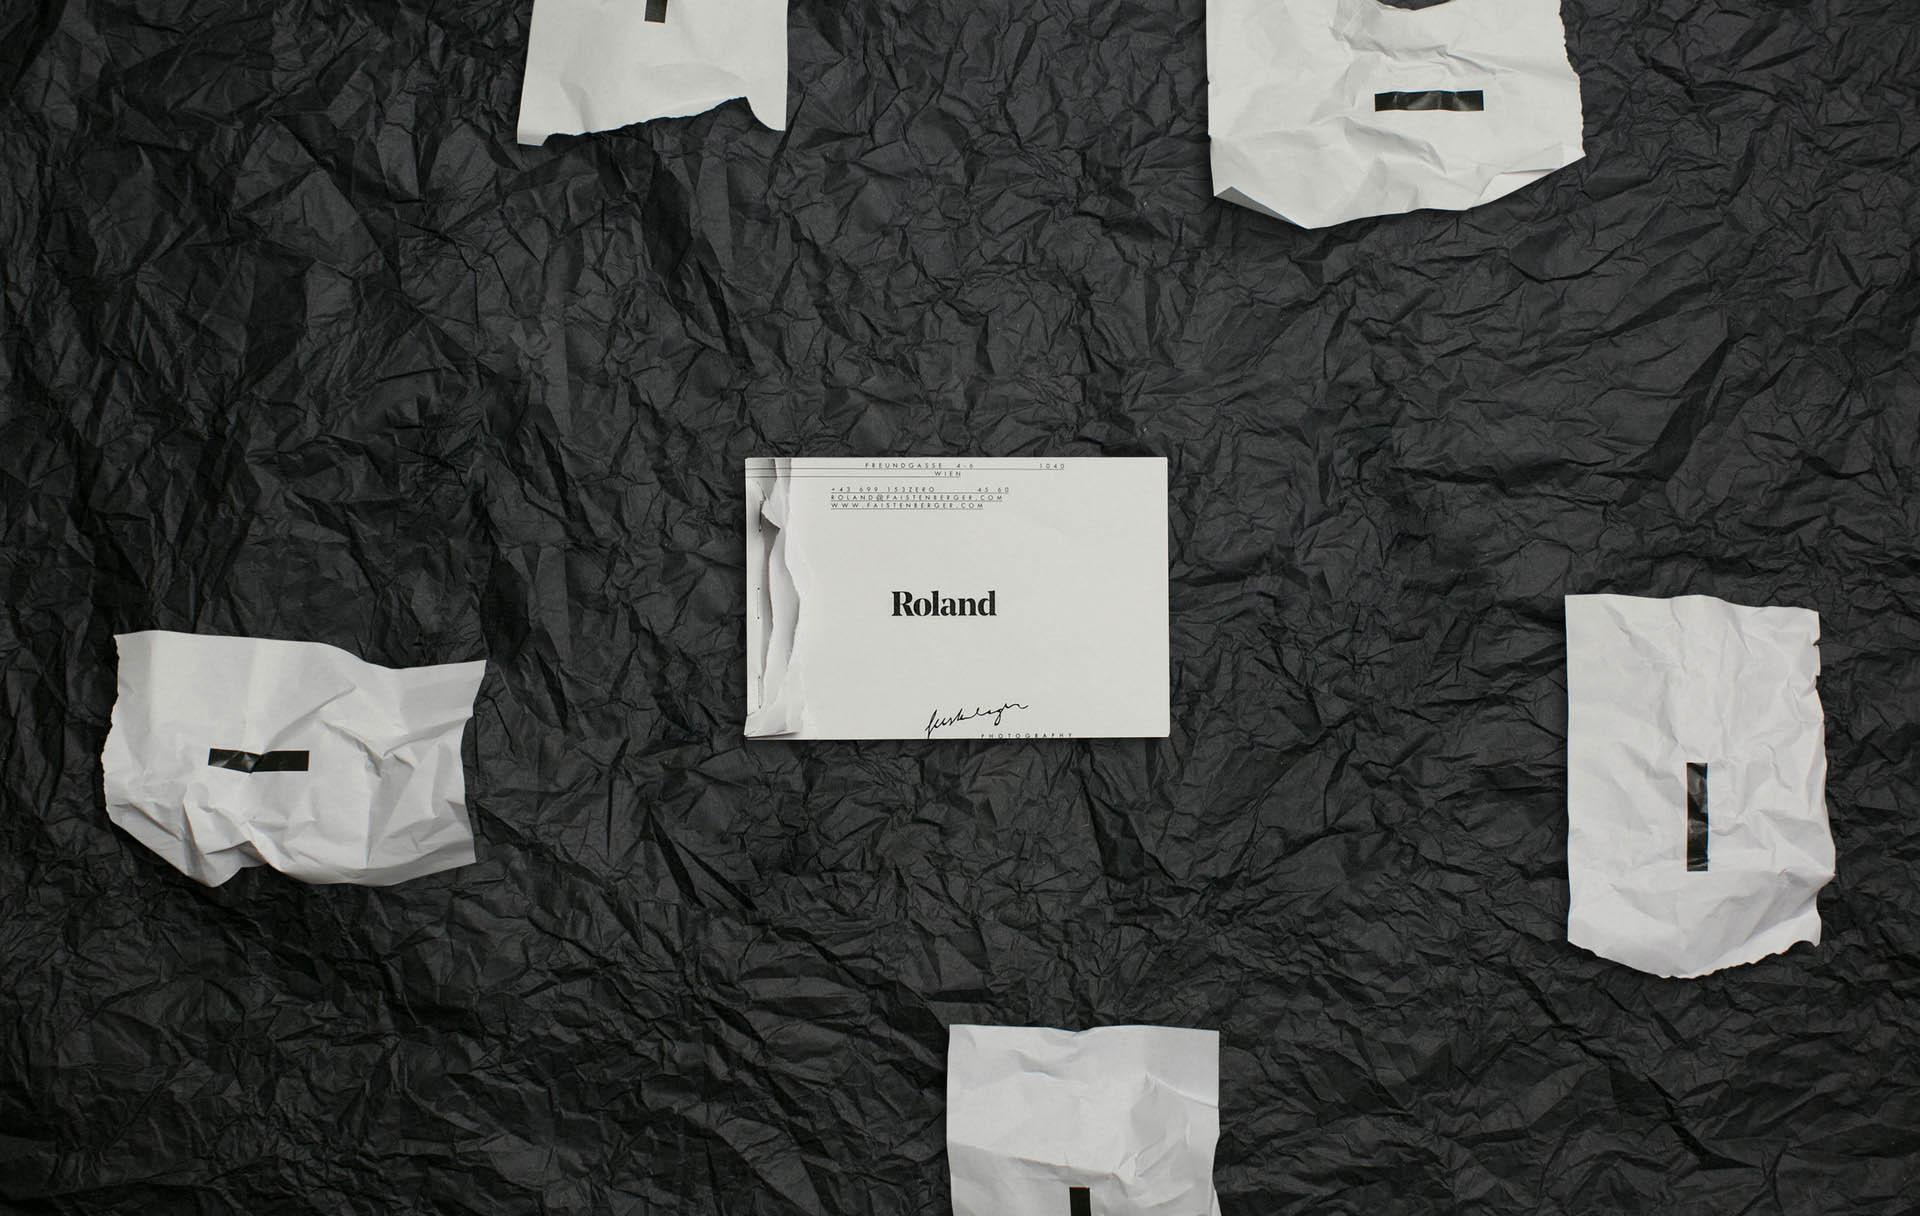 iq9mpko5-roland-faistenberger-branding-website-03